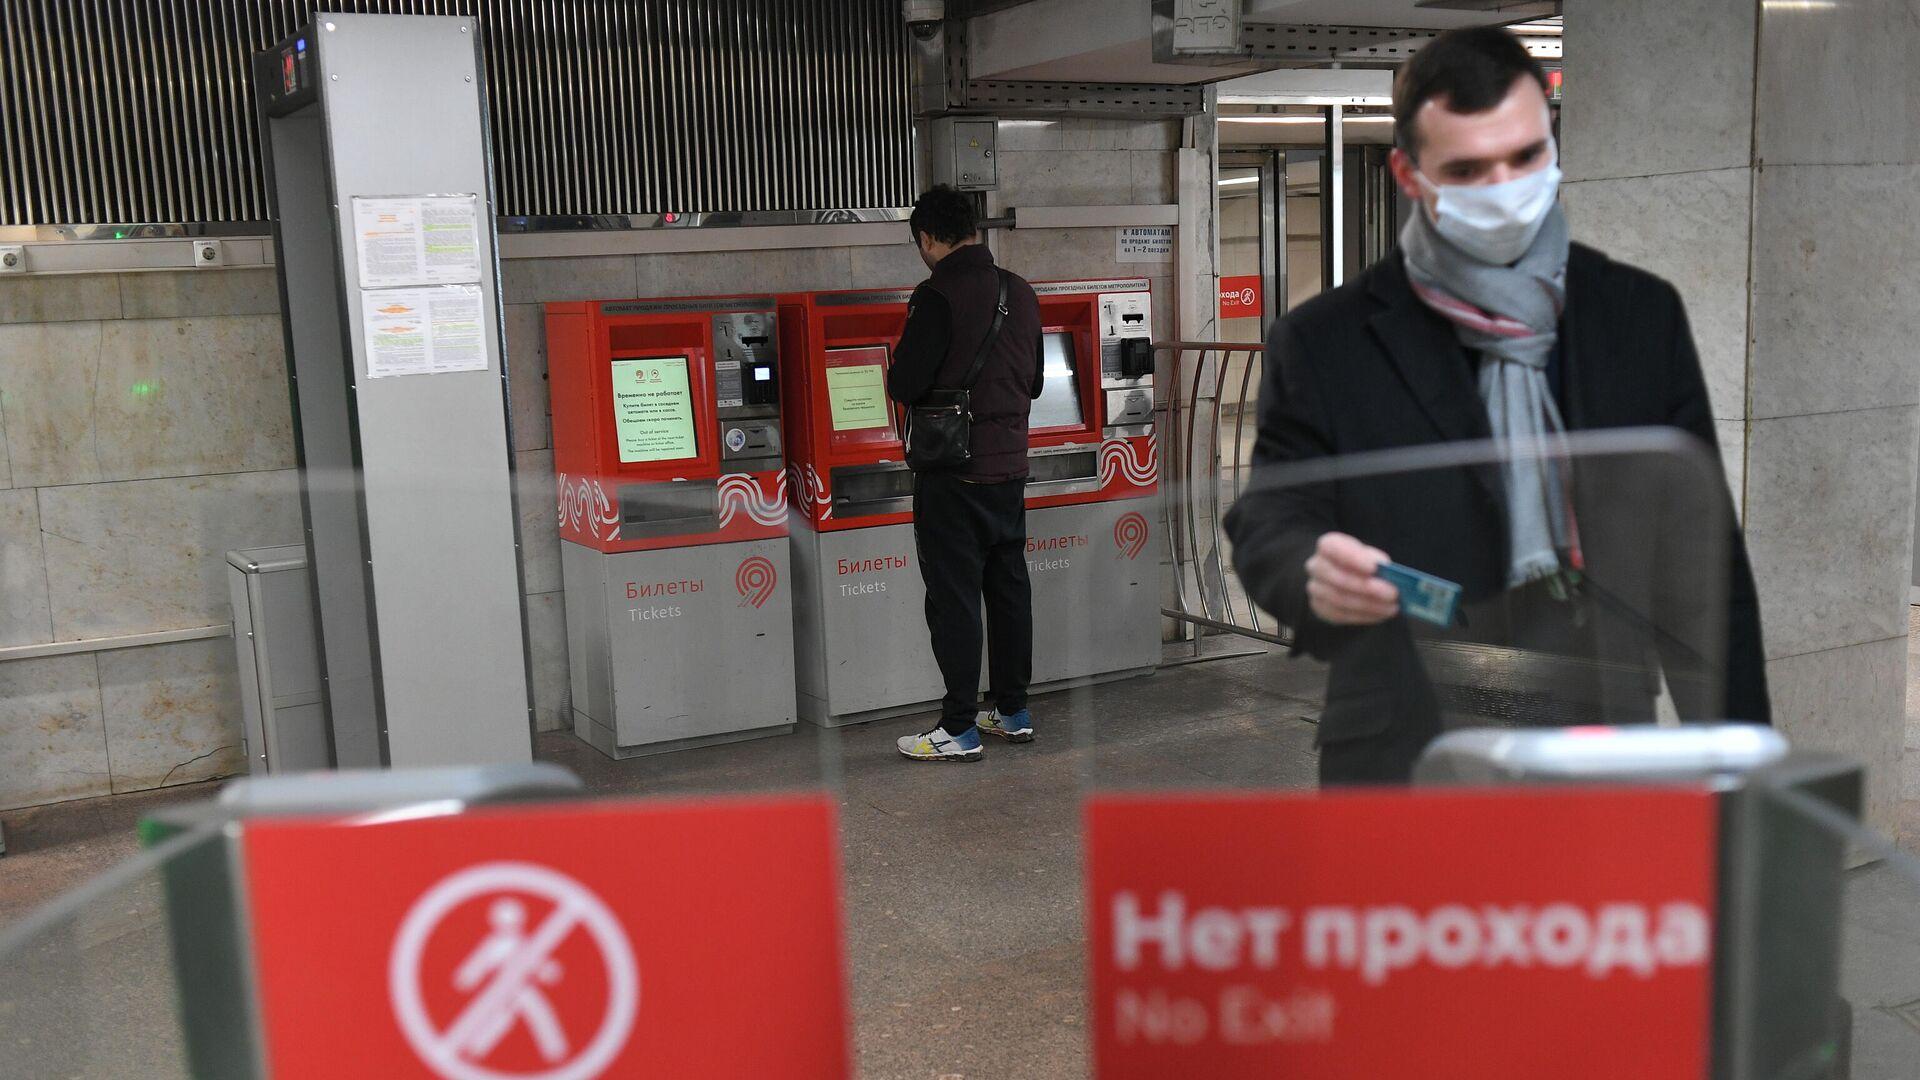 Пассажир проходит турникет на станции метро Сходненская в Москве - РИА Новости, 1920, 18.01.2021